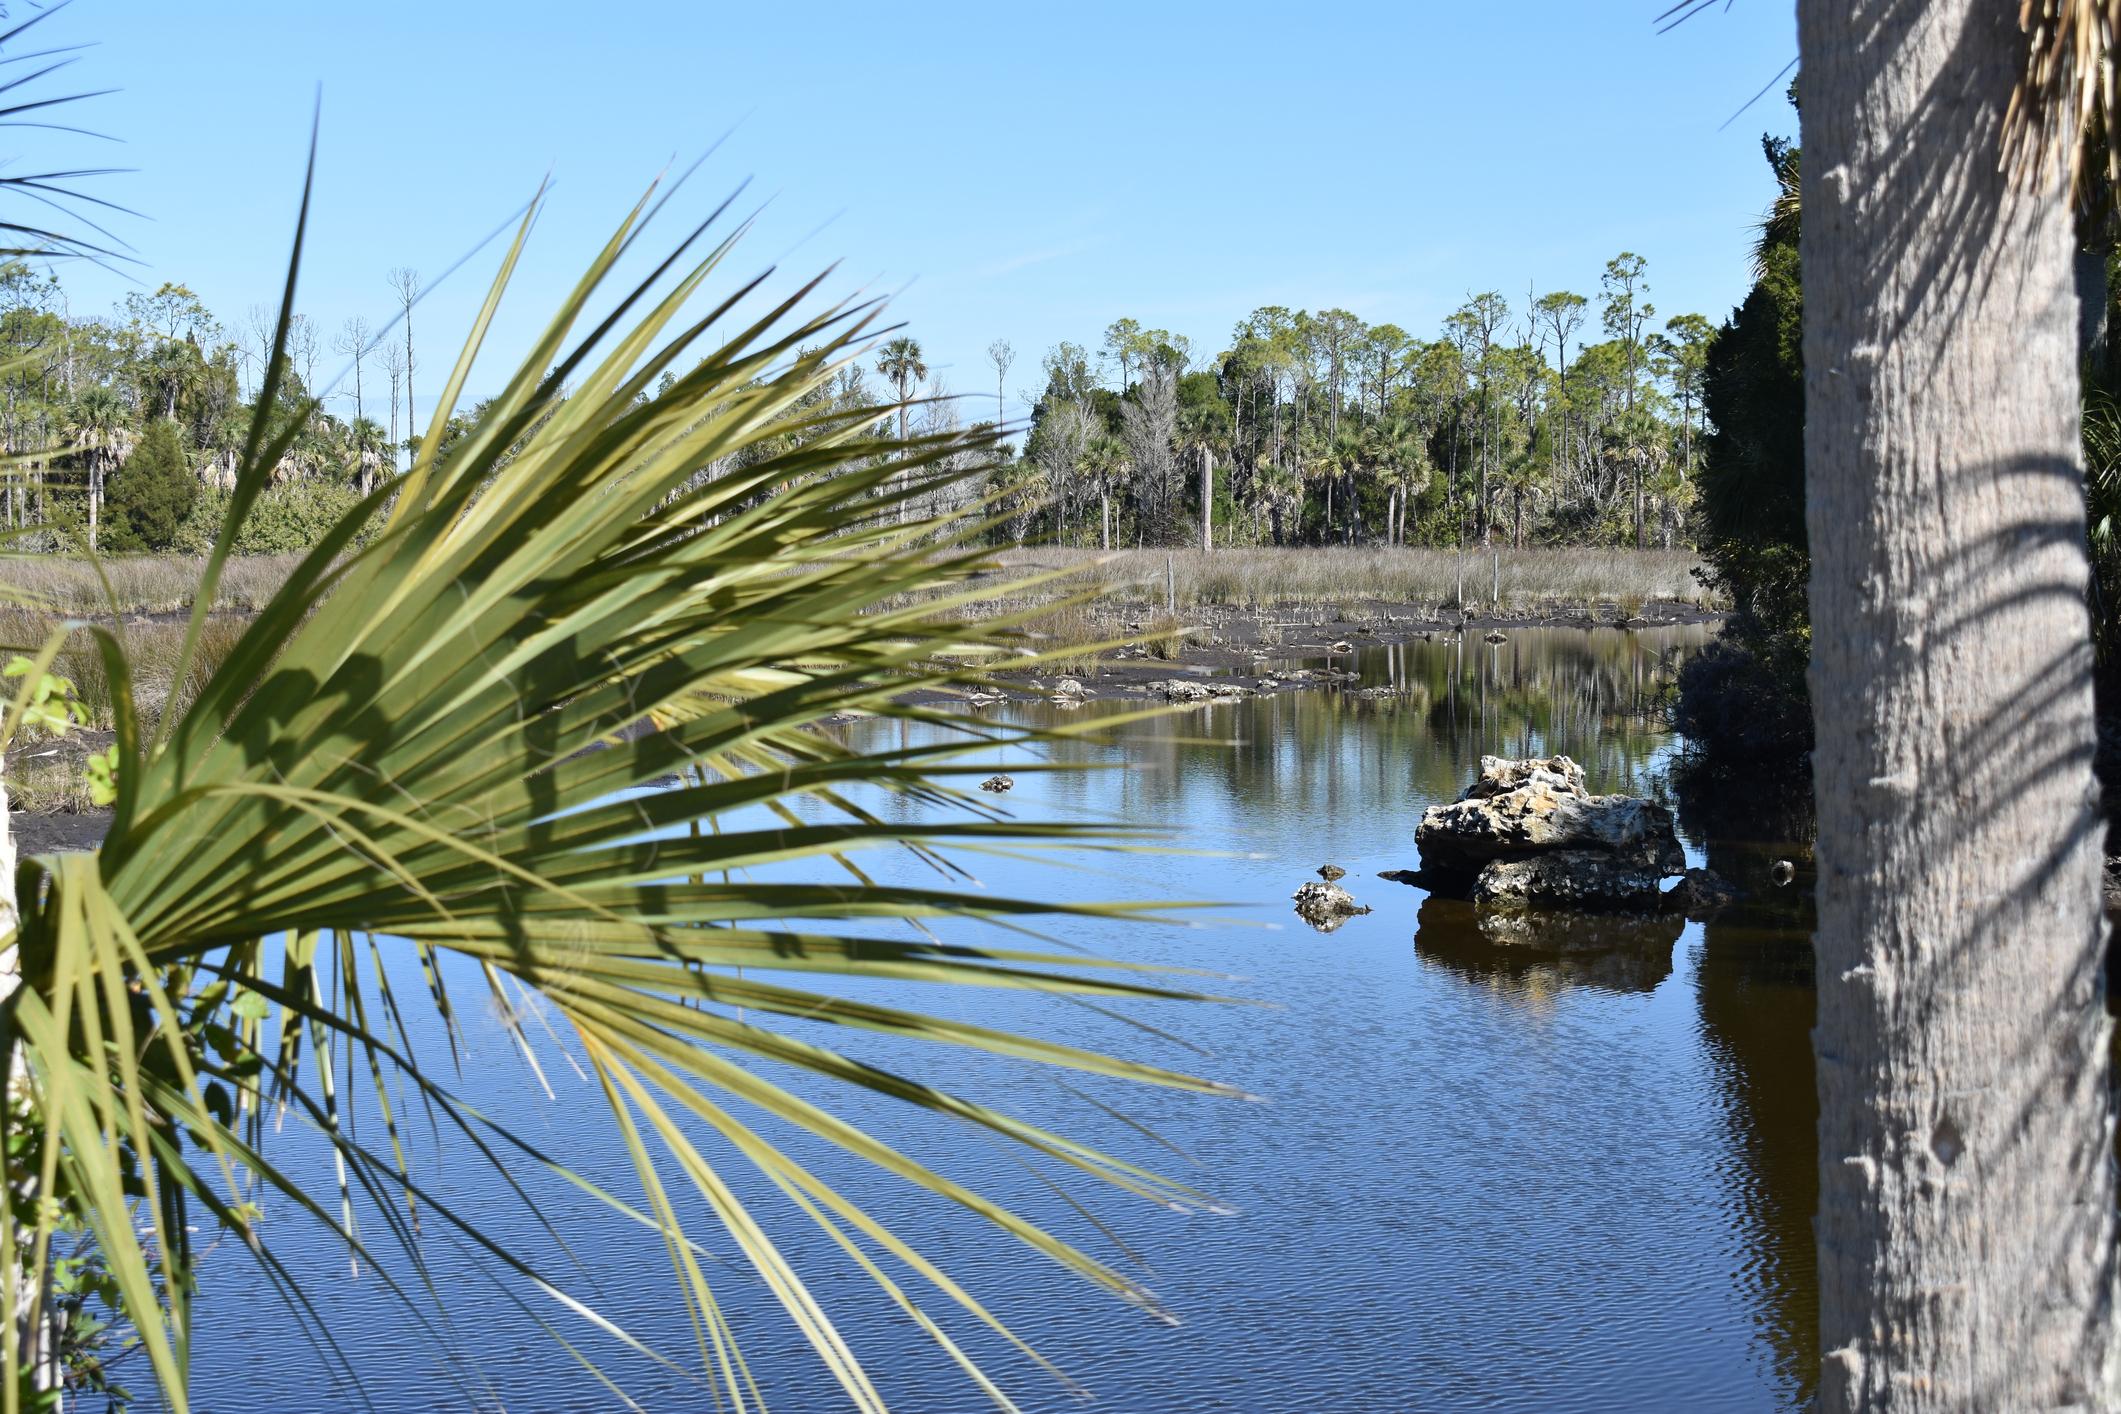 Уики Уочи, Флорида - население 12 души. Държавният парк комбинира всичко, което обичате във Вълшебното кралство и Морски свят.